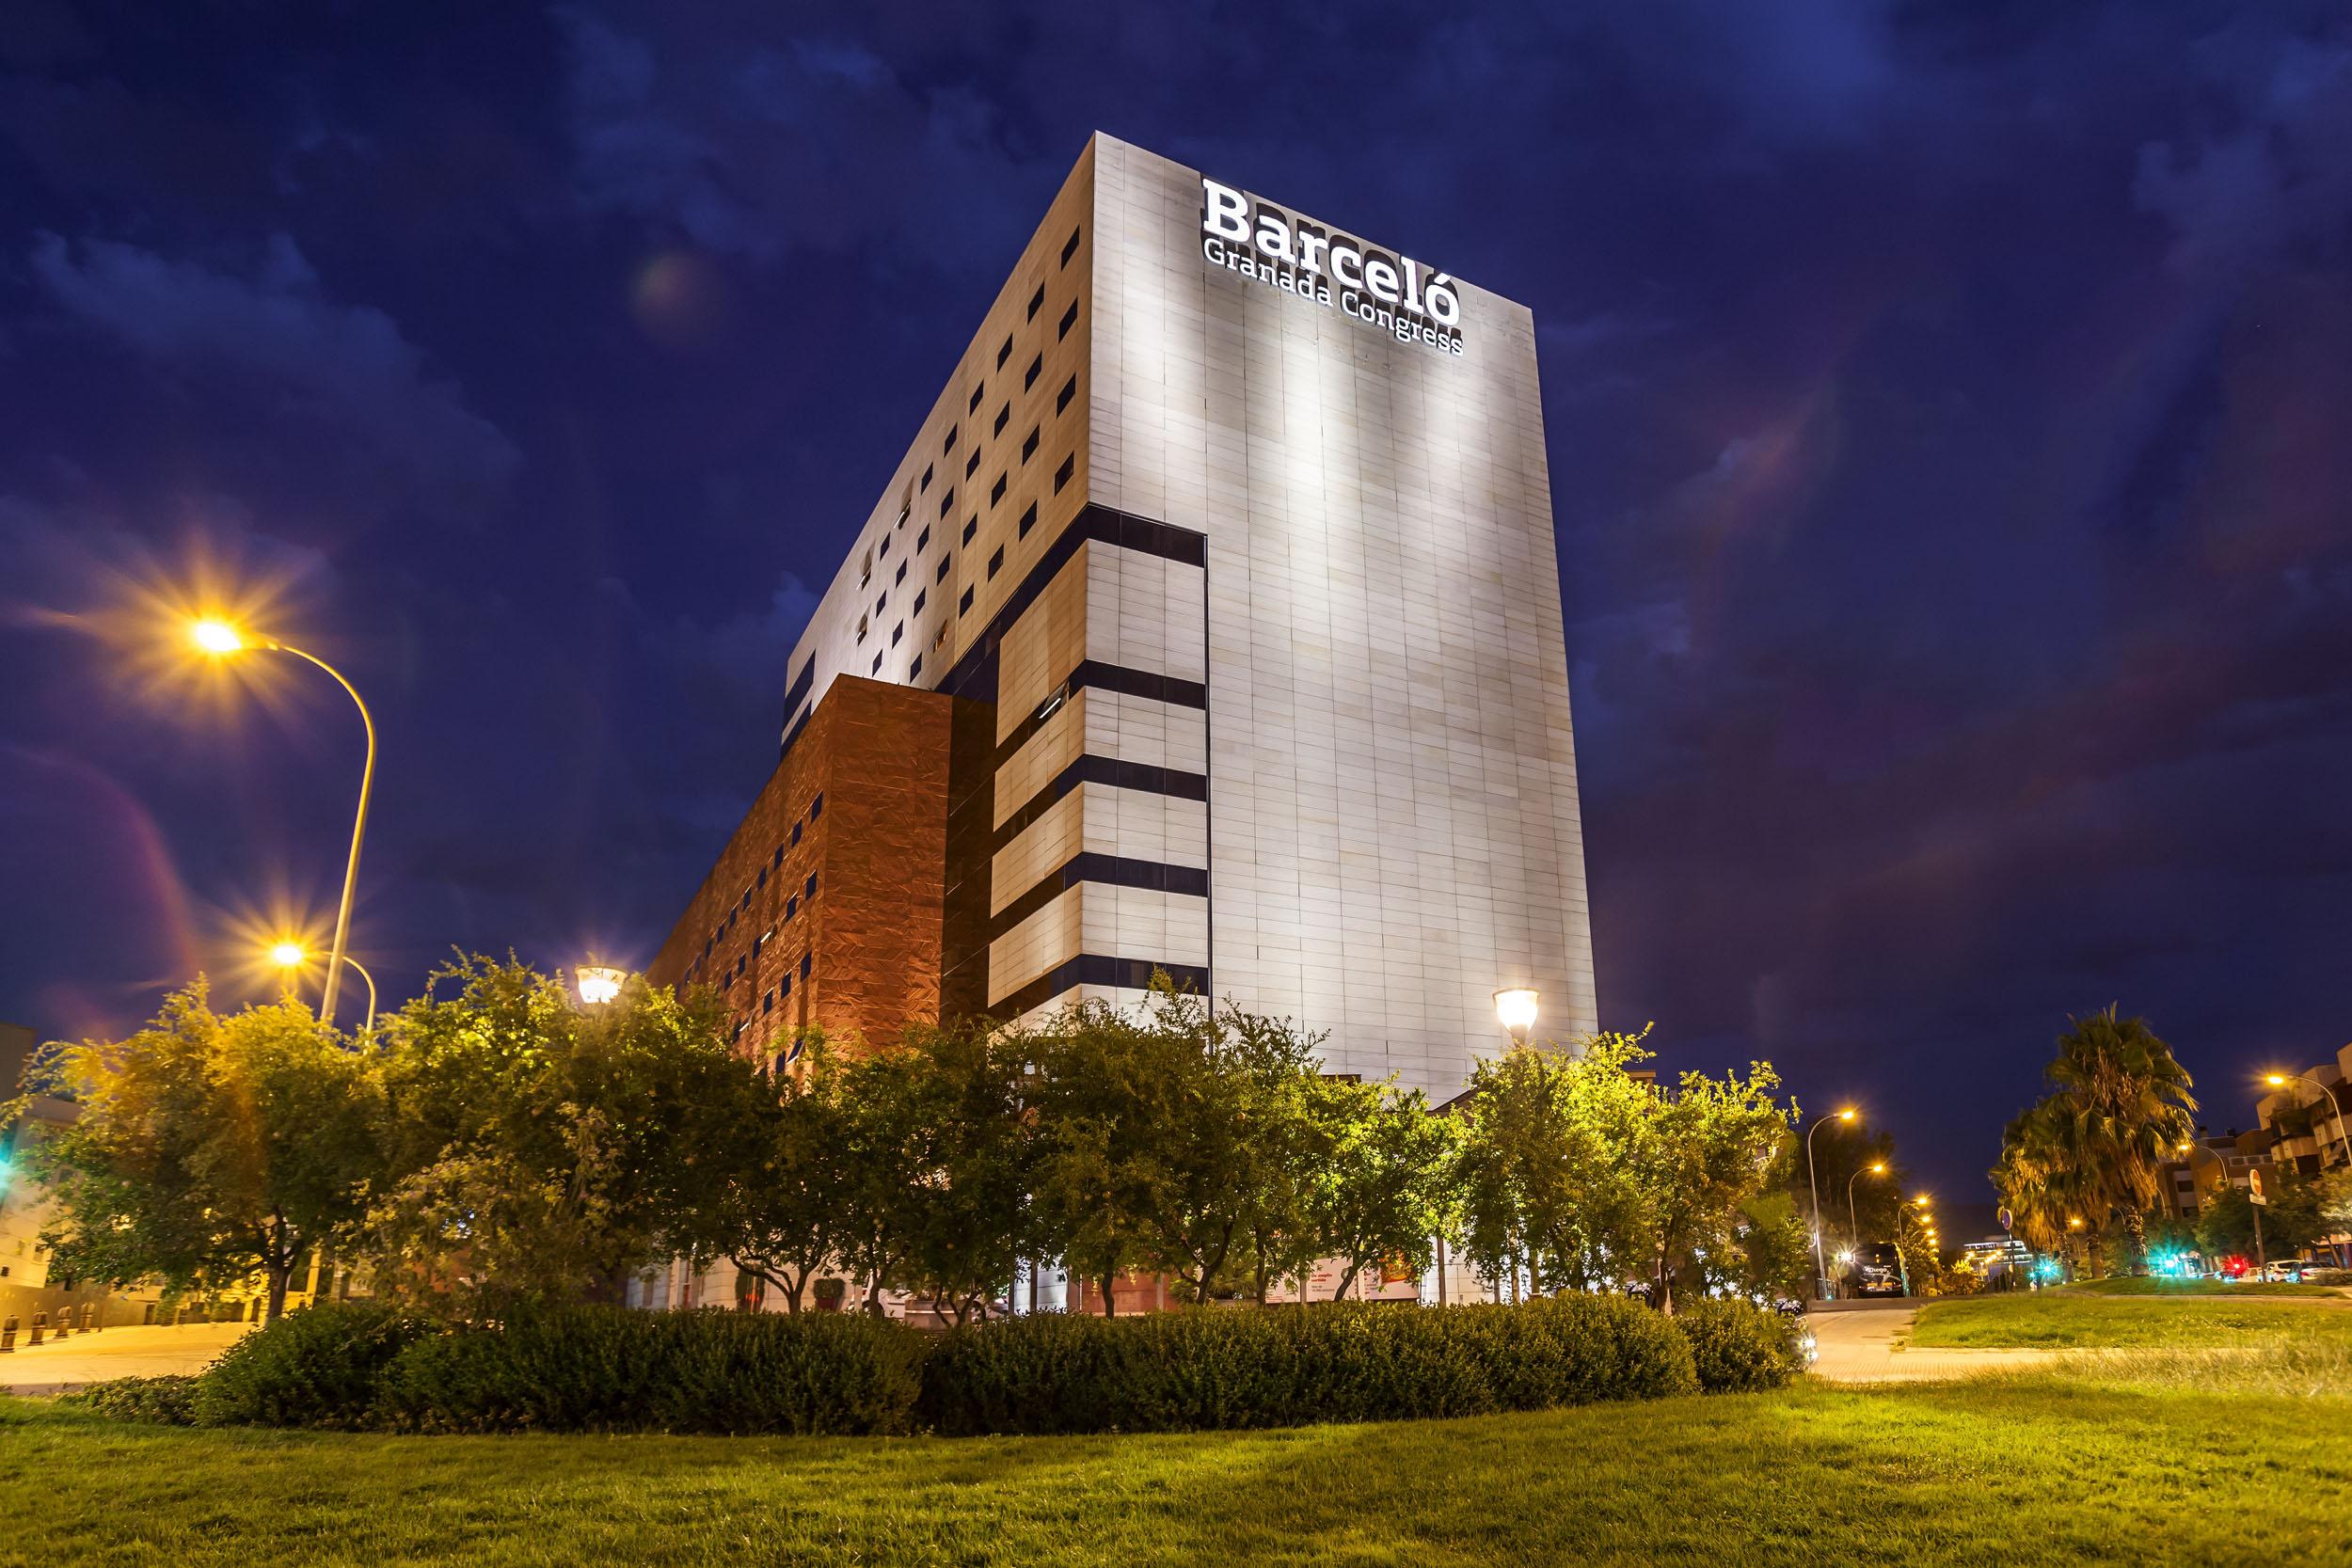 REUNIÓN ANUAL DE LA ASOCIACIÓN DE CARDIOLOGÍA DE LA SEC GRANADA 2021 - Alojamiento Barcelo Granada Congress